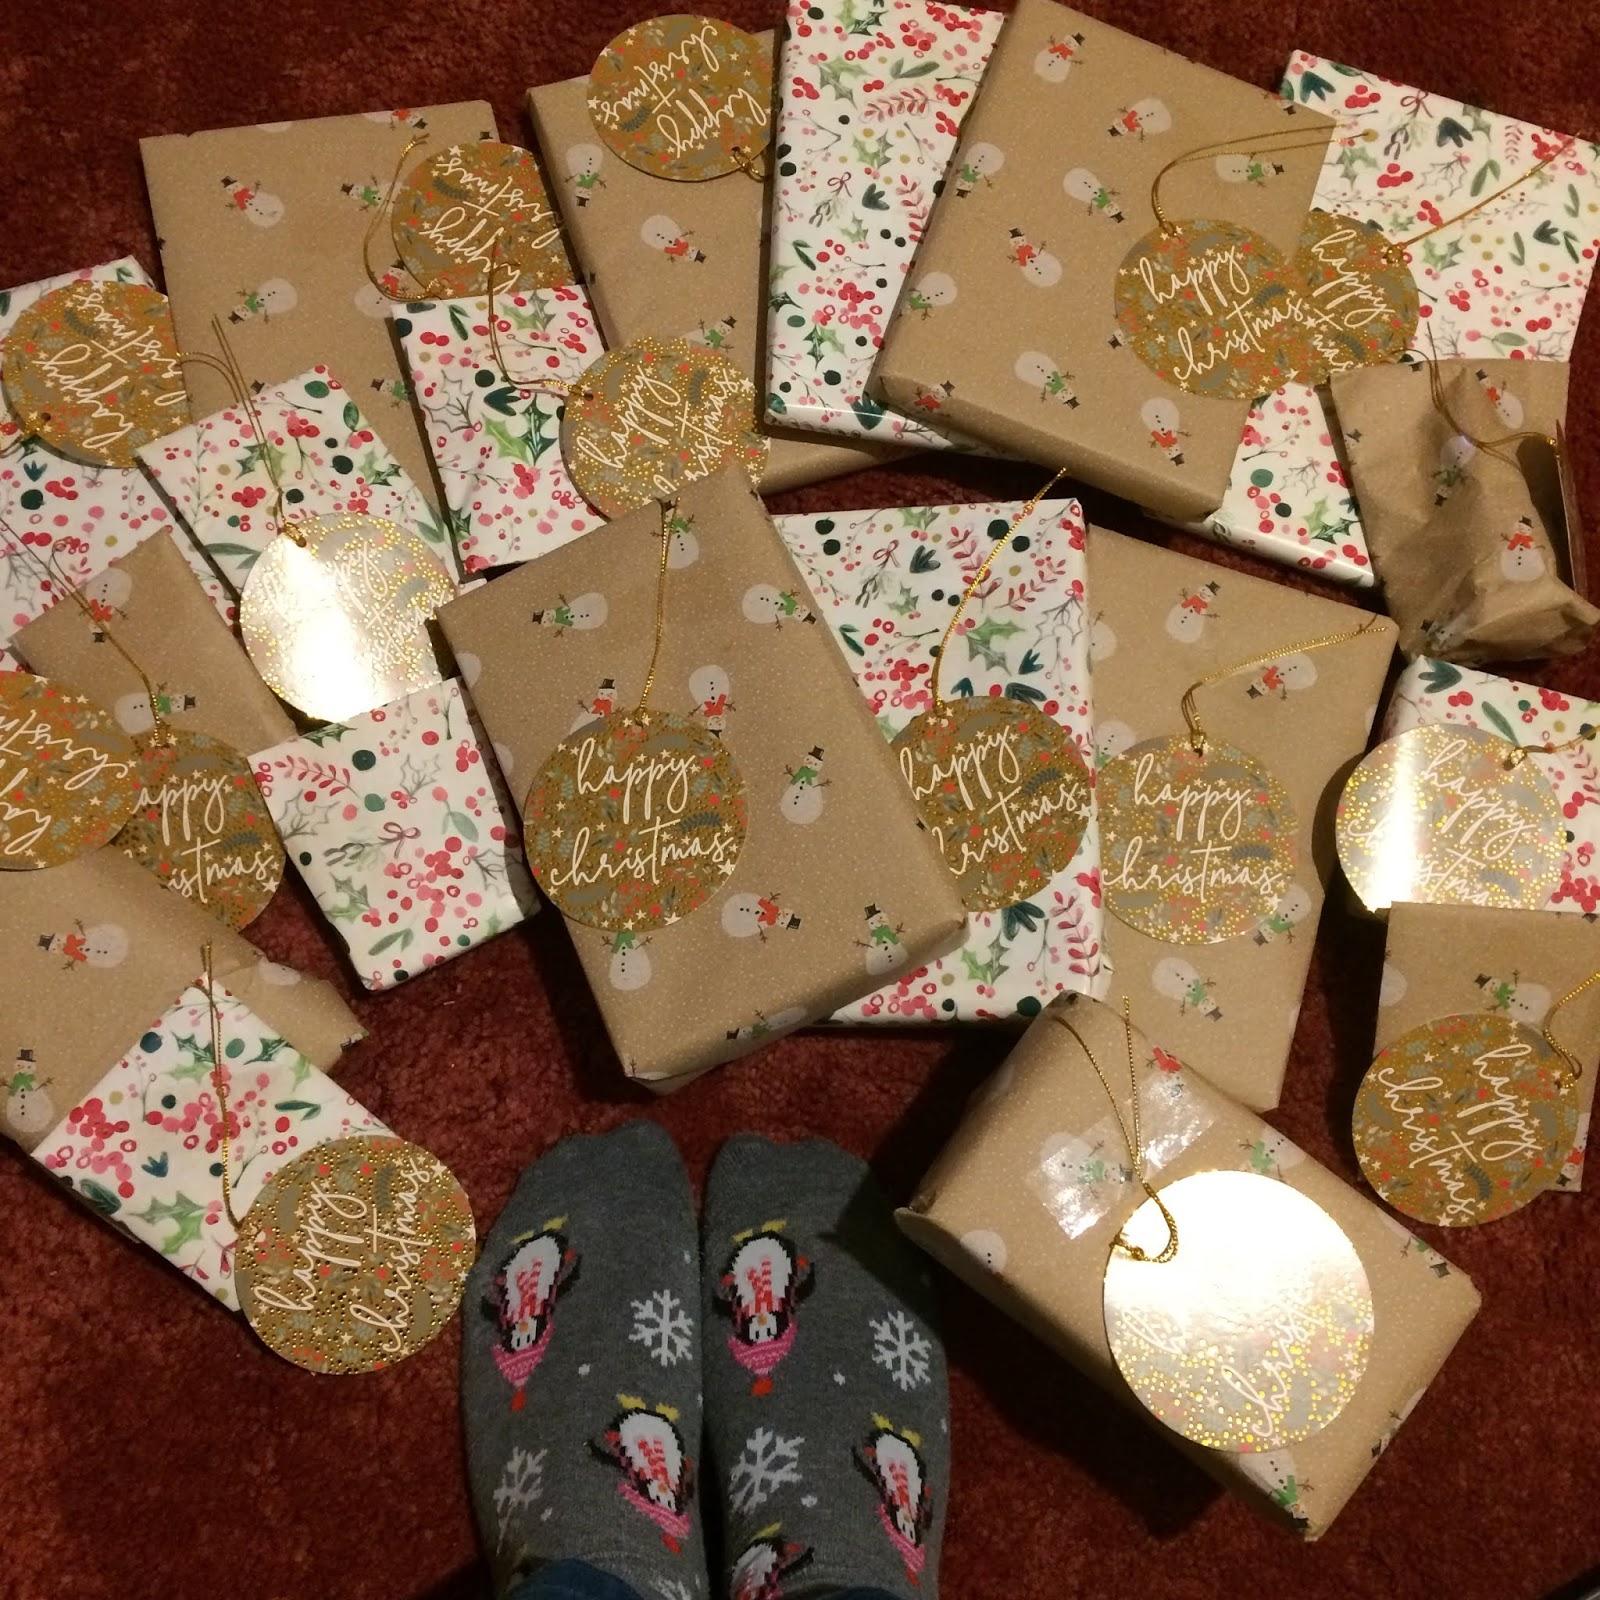 My TBTBSanta presents spread out on the floor, including my feet.